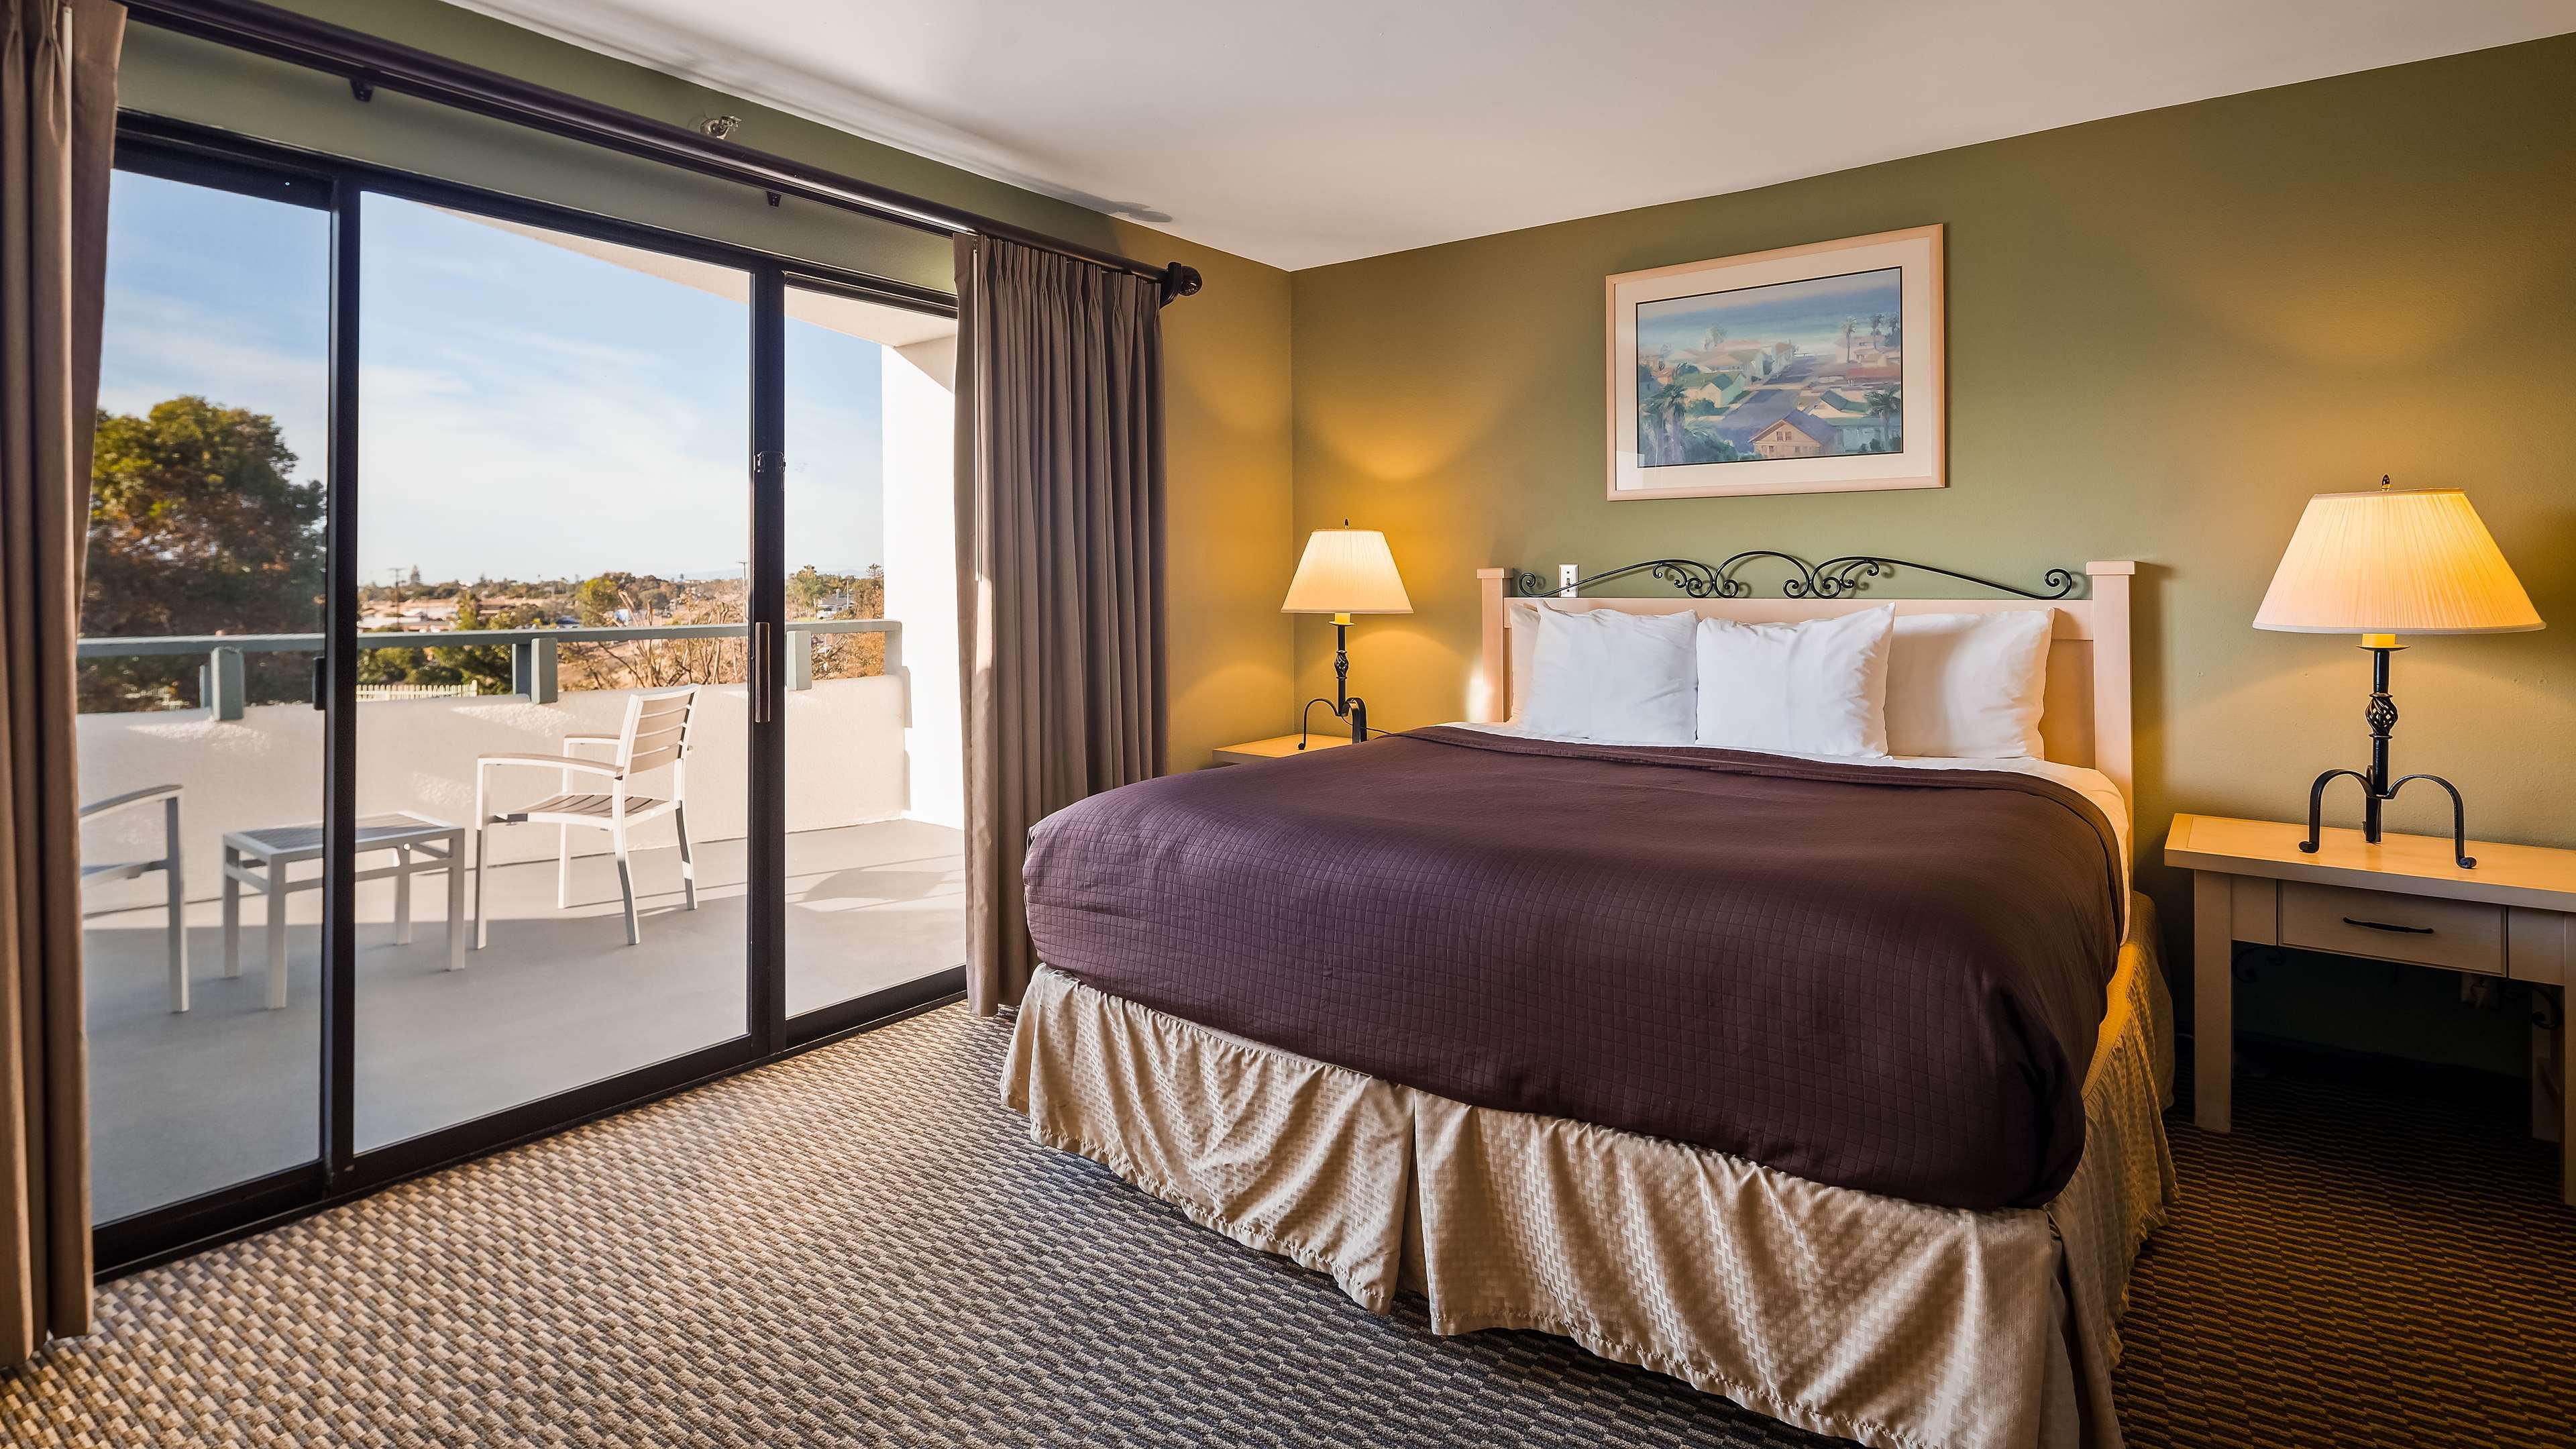 Best Western Encinitas Inn & Suites at Moonlight Beach image 14